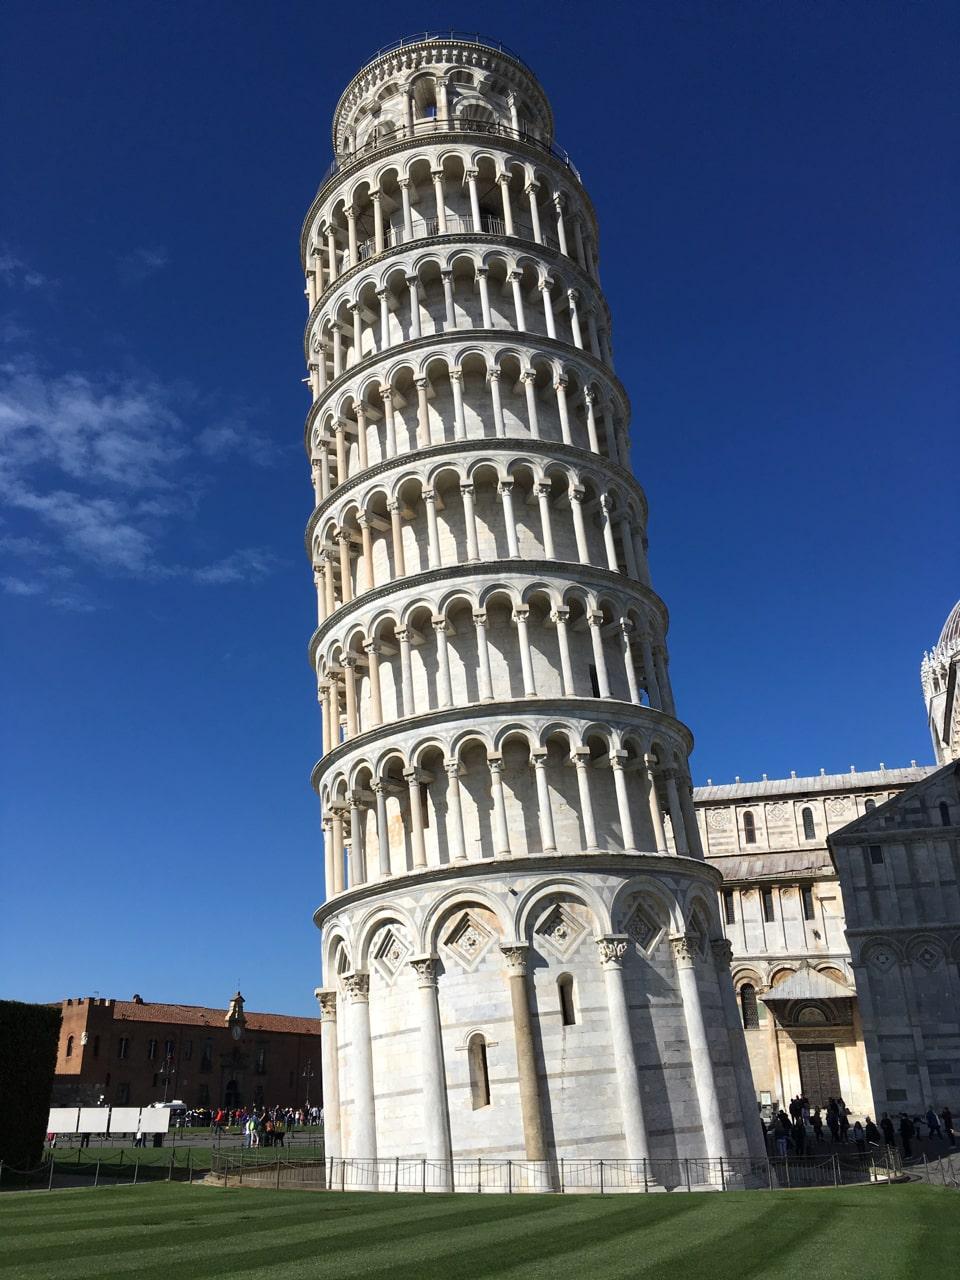 披萨斜塔(leaning tower),现场看倾斜得更厉害